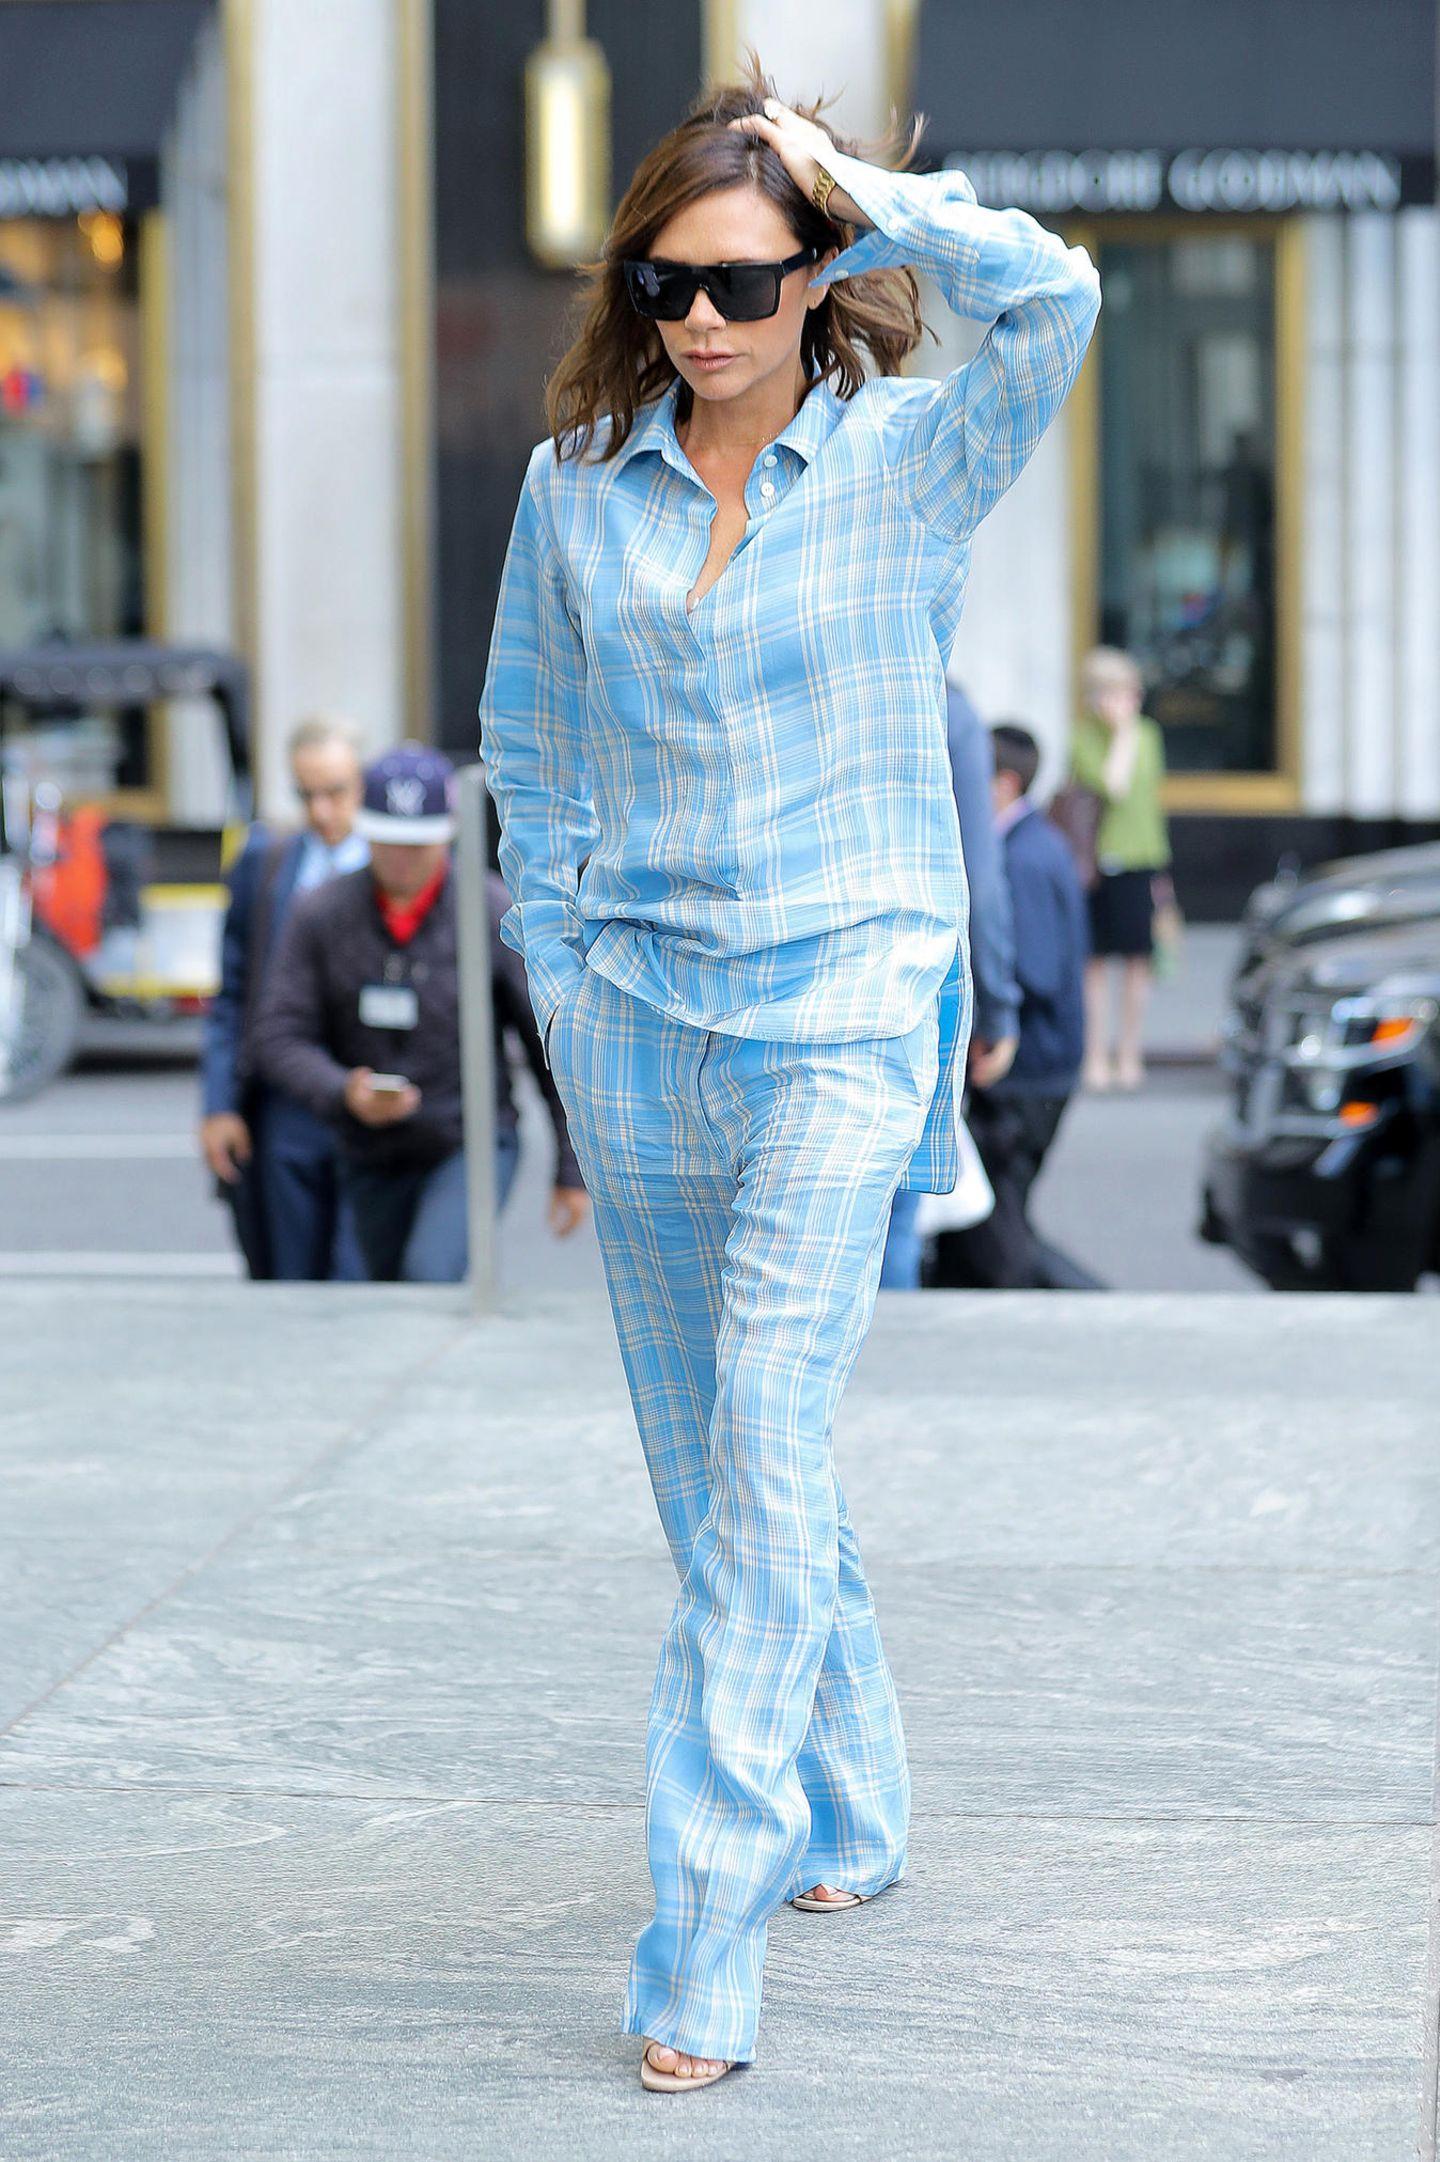 Eine Stil-Ikone wie Victoria Beckham sieht sogar im hellblau karierten Pyjama-Look noch superschick aus, eine luftige Option für heiße Sommertage.